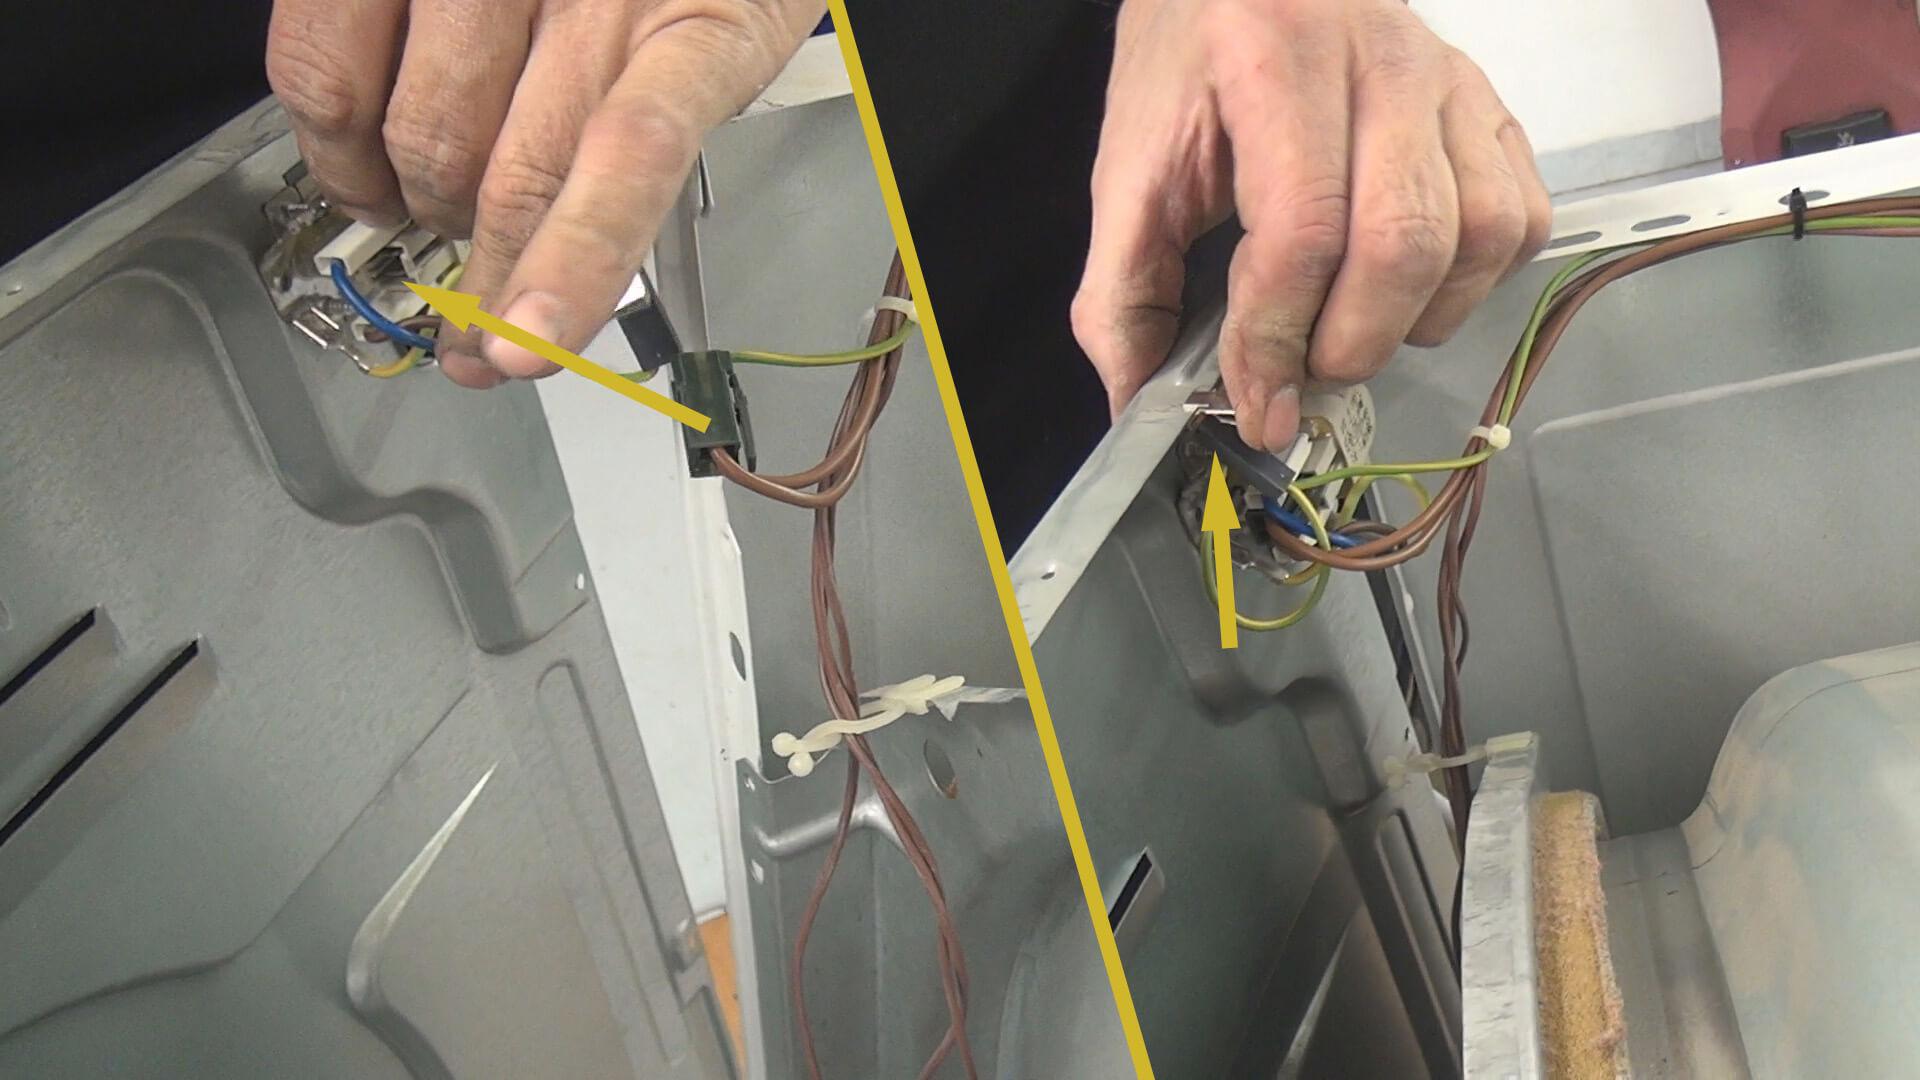 Stromanschluss an Trocknerrückwand anklemmen